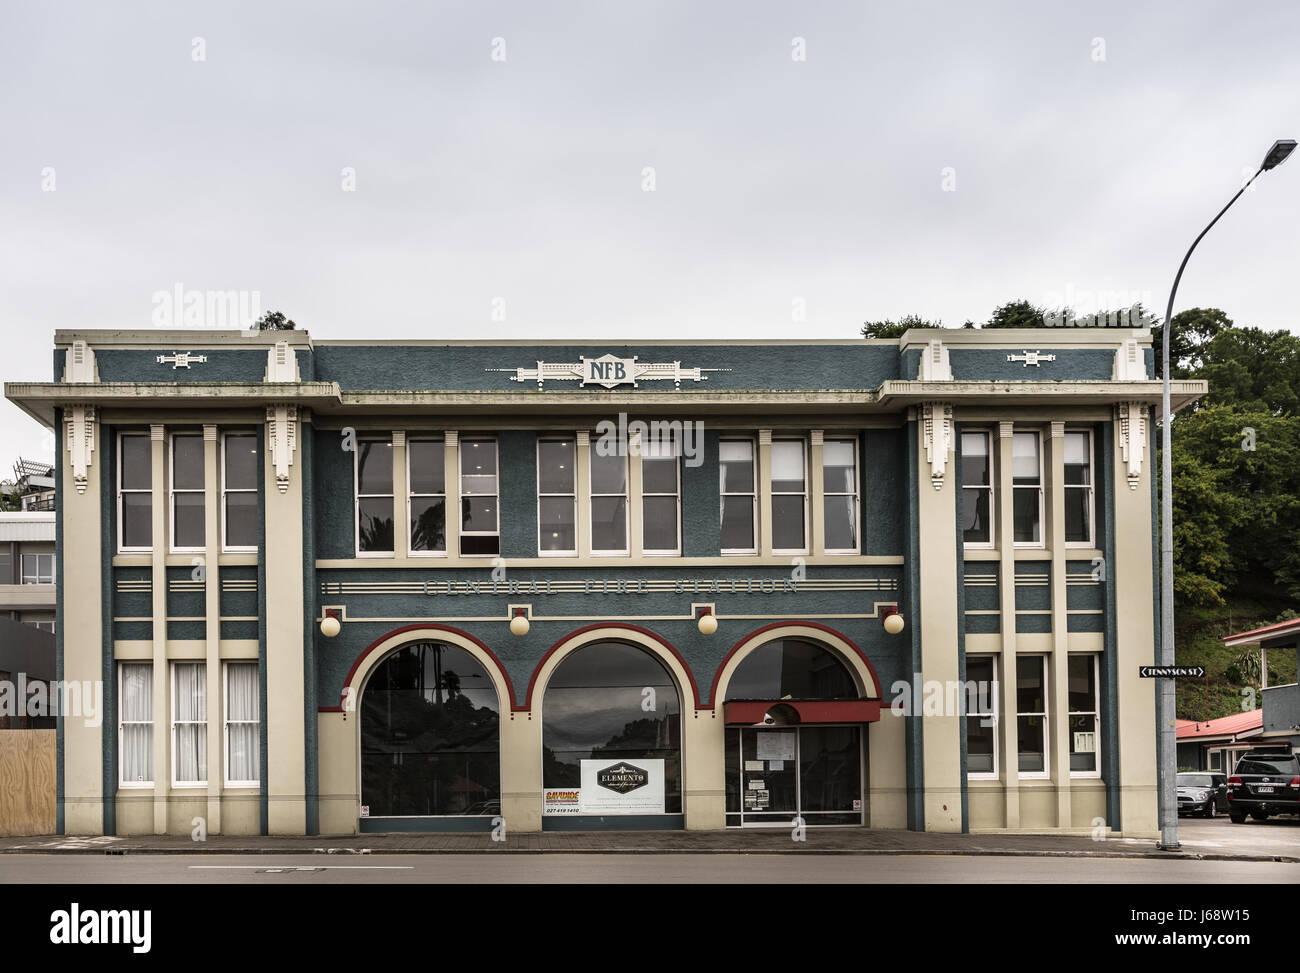 Napier, Nuova Zelanda - 9 Marzo 2017: Unione storica stazione dei vigili del fuoco è una forma rettangolare Immagini Stock